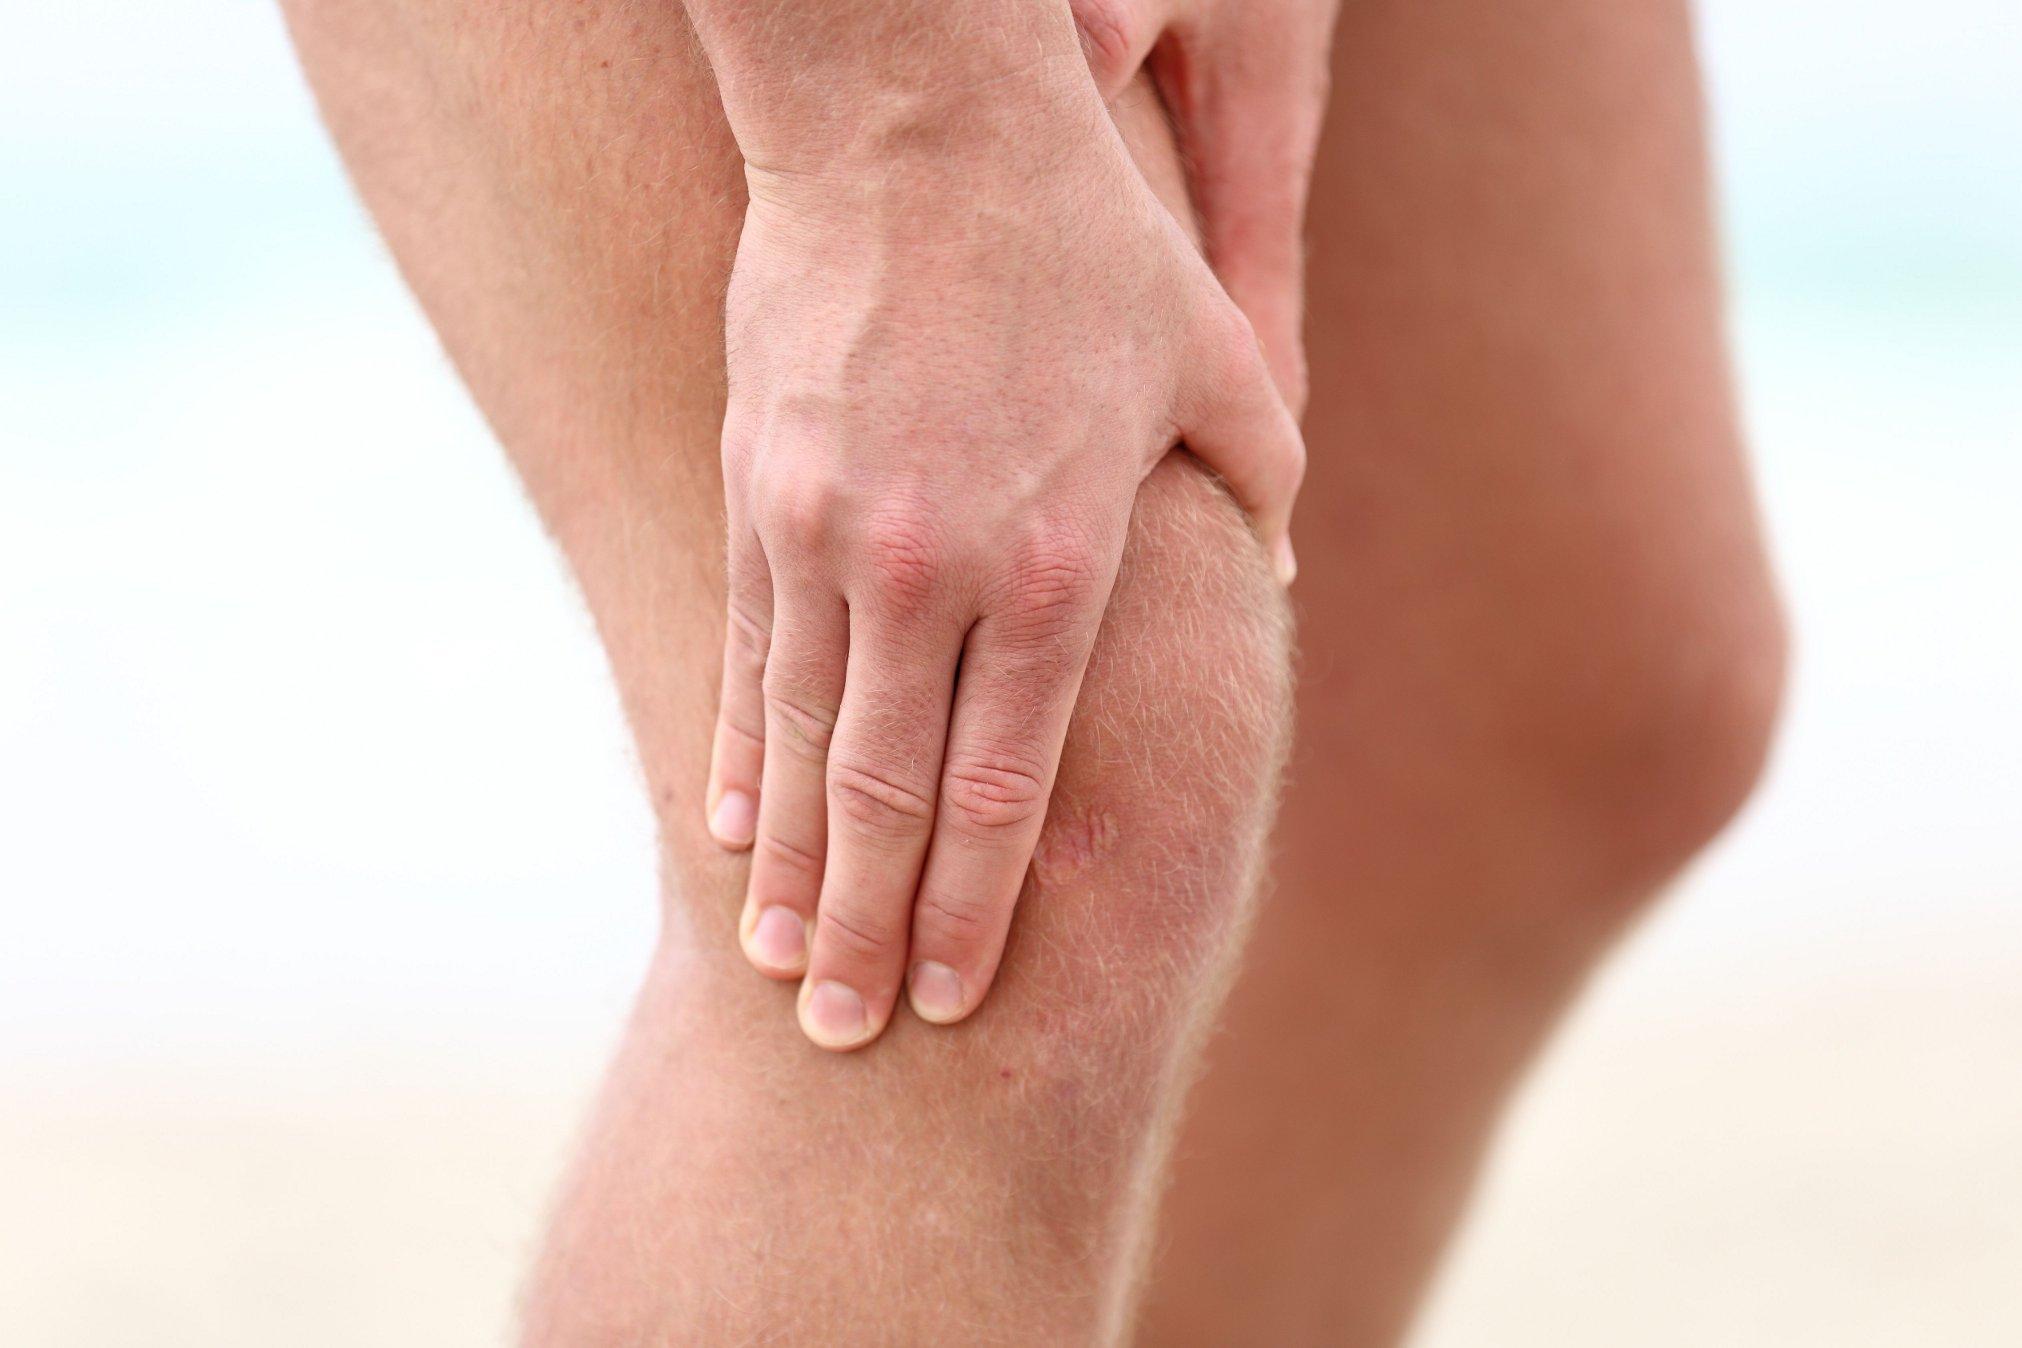 Остеоартроз коленного сустава: лечение, причины, симптомы